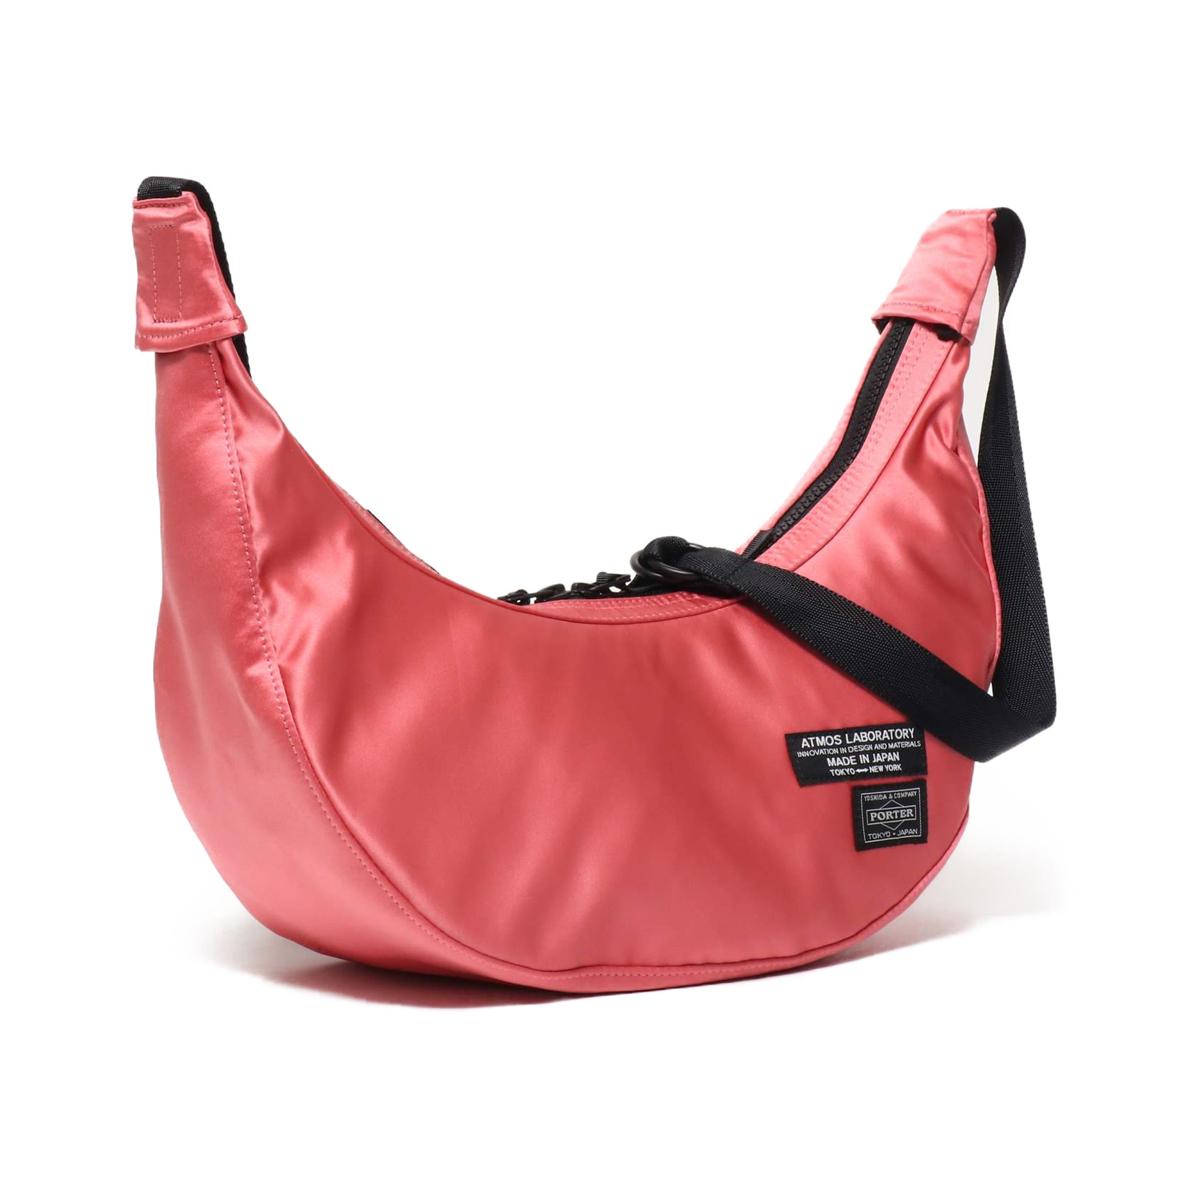 PORTER x ATMOS LAB SATIN SHOULDER BAG(ポーター アトモスラボ サテン ショルダーバッグ)PINK【メンズ レディース ショルダーバッグ】19SU-S